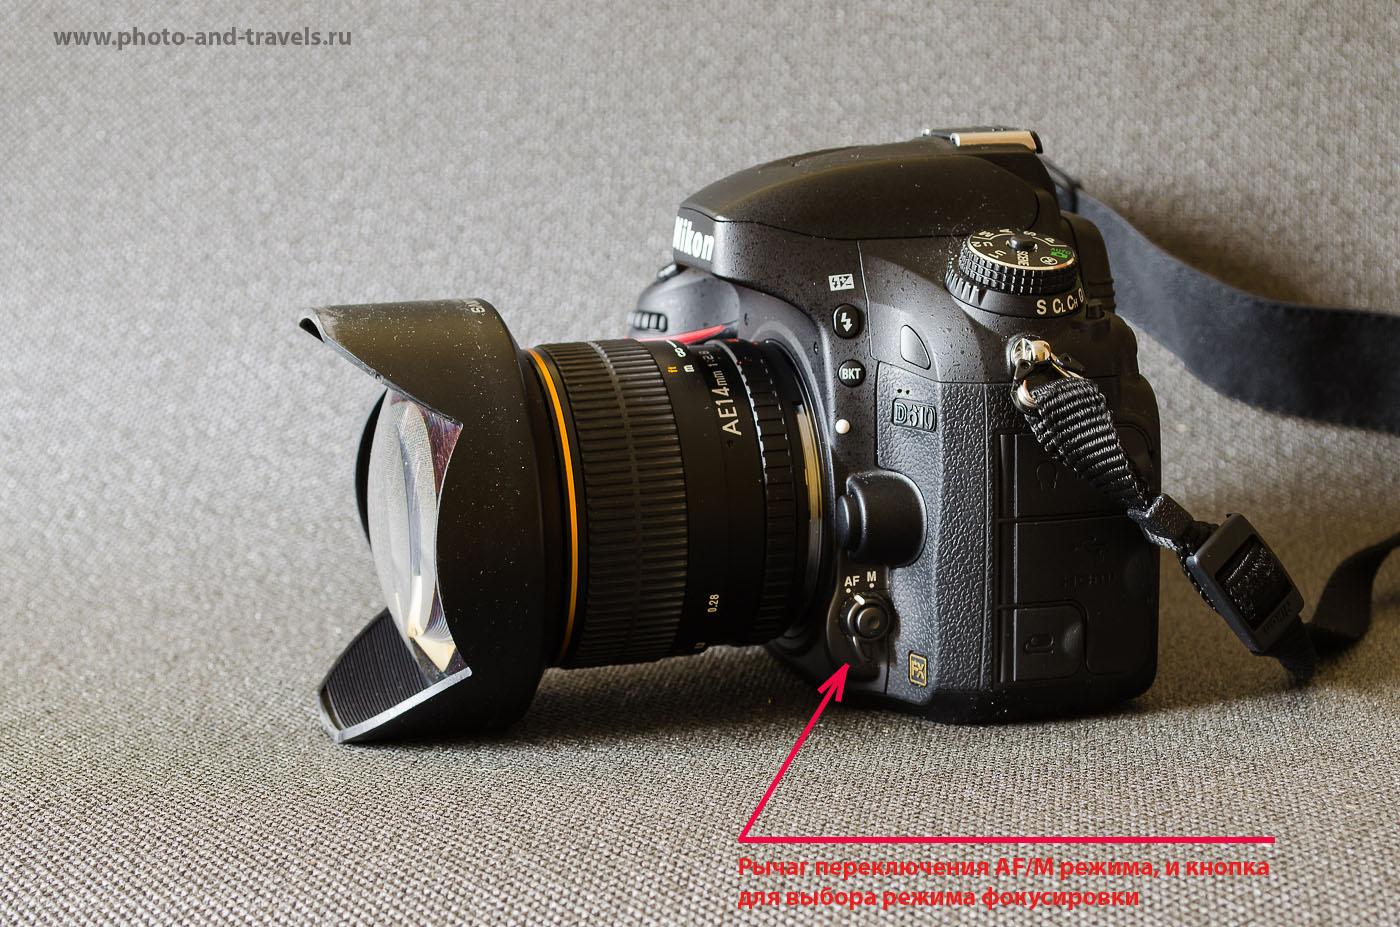 Как настроить фотоаппарат для спортивной съемки